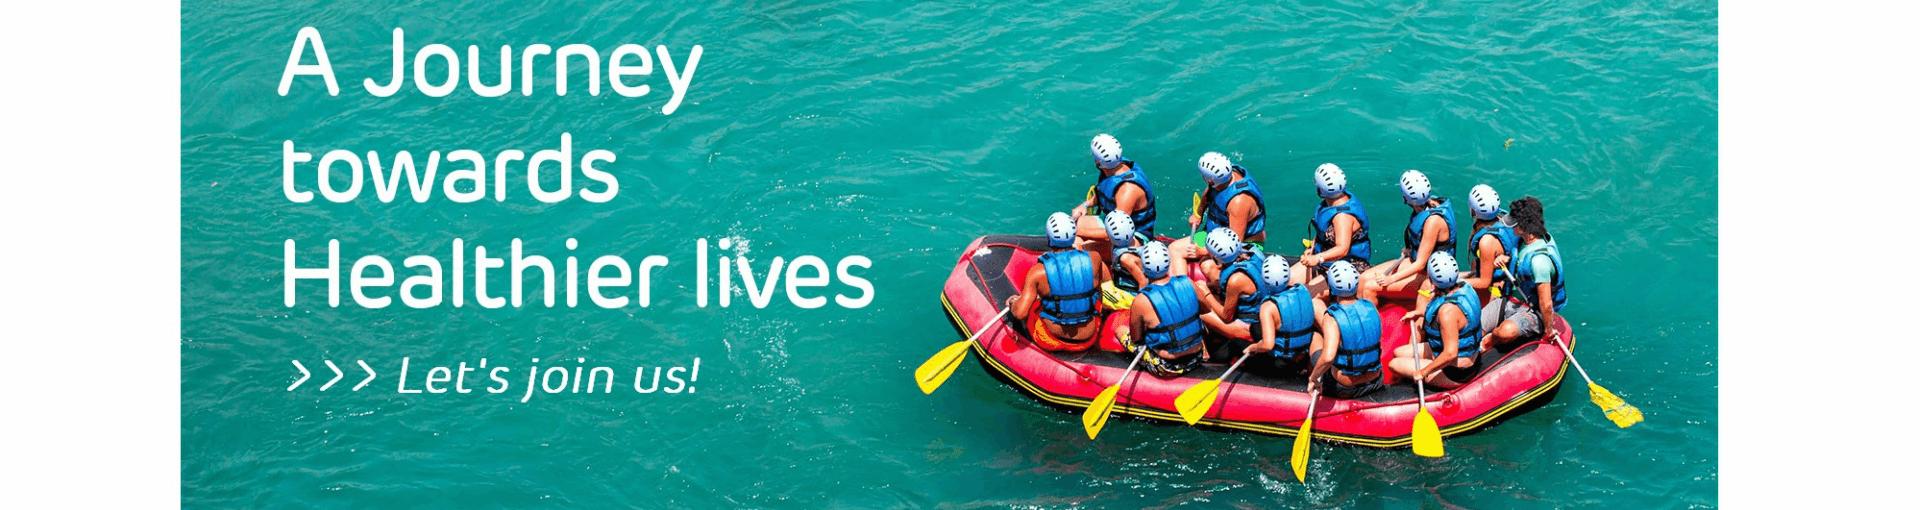 Open jobs at Mega Lifesciences (Vietnam)